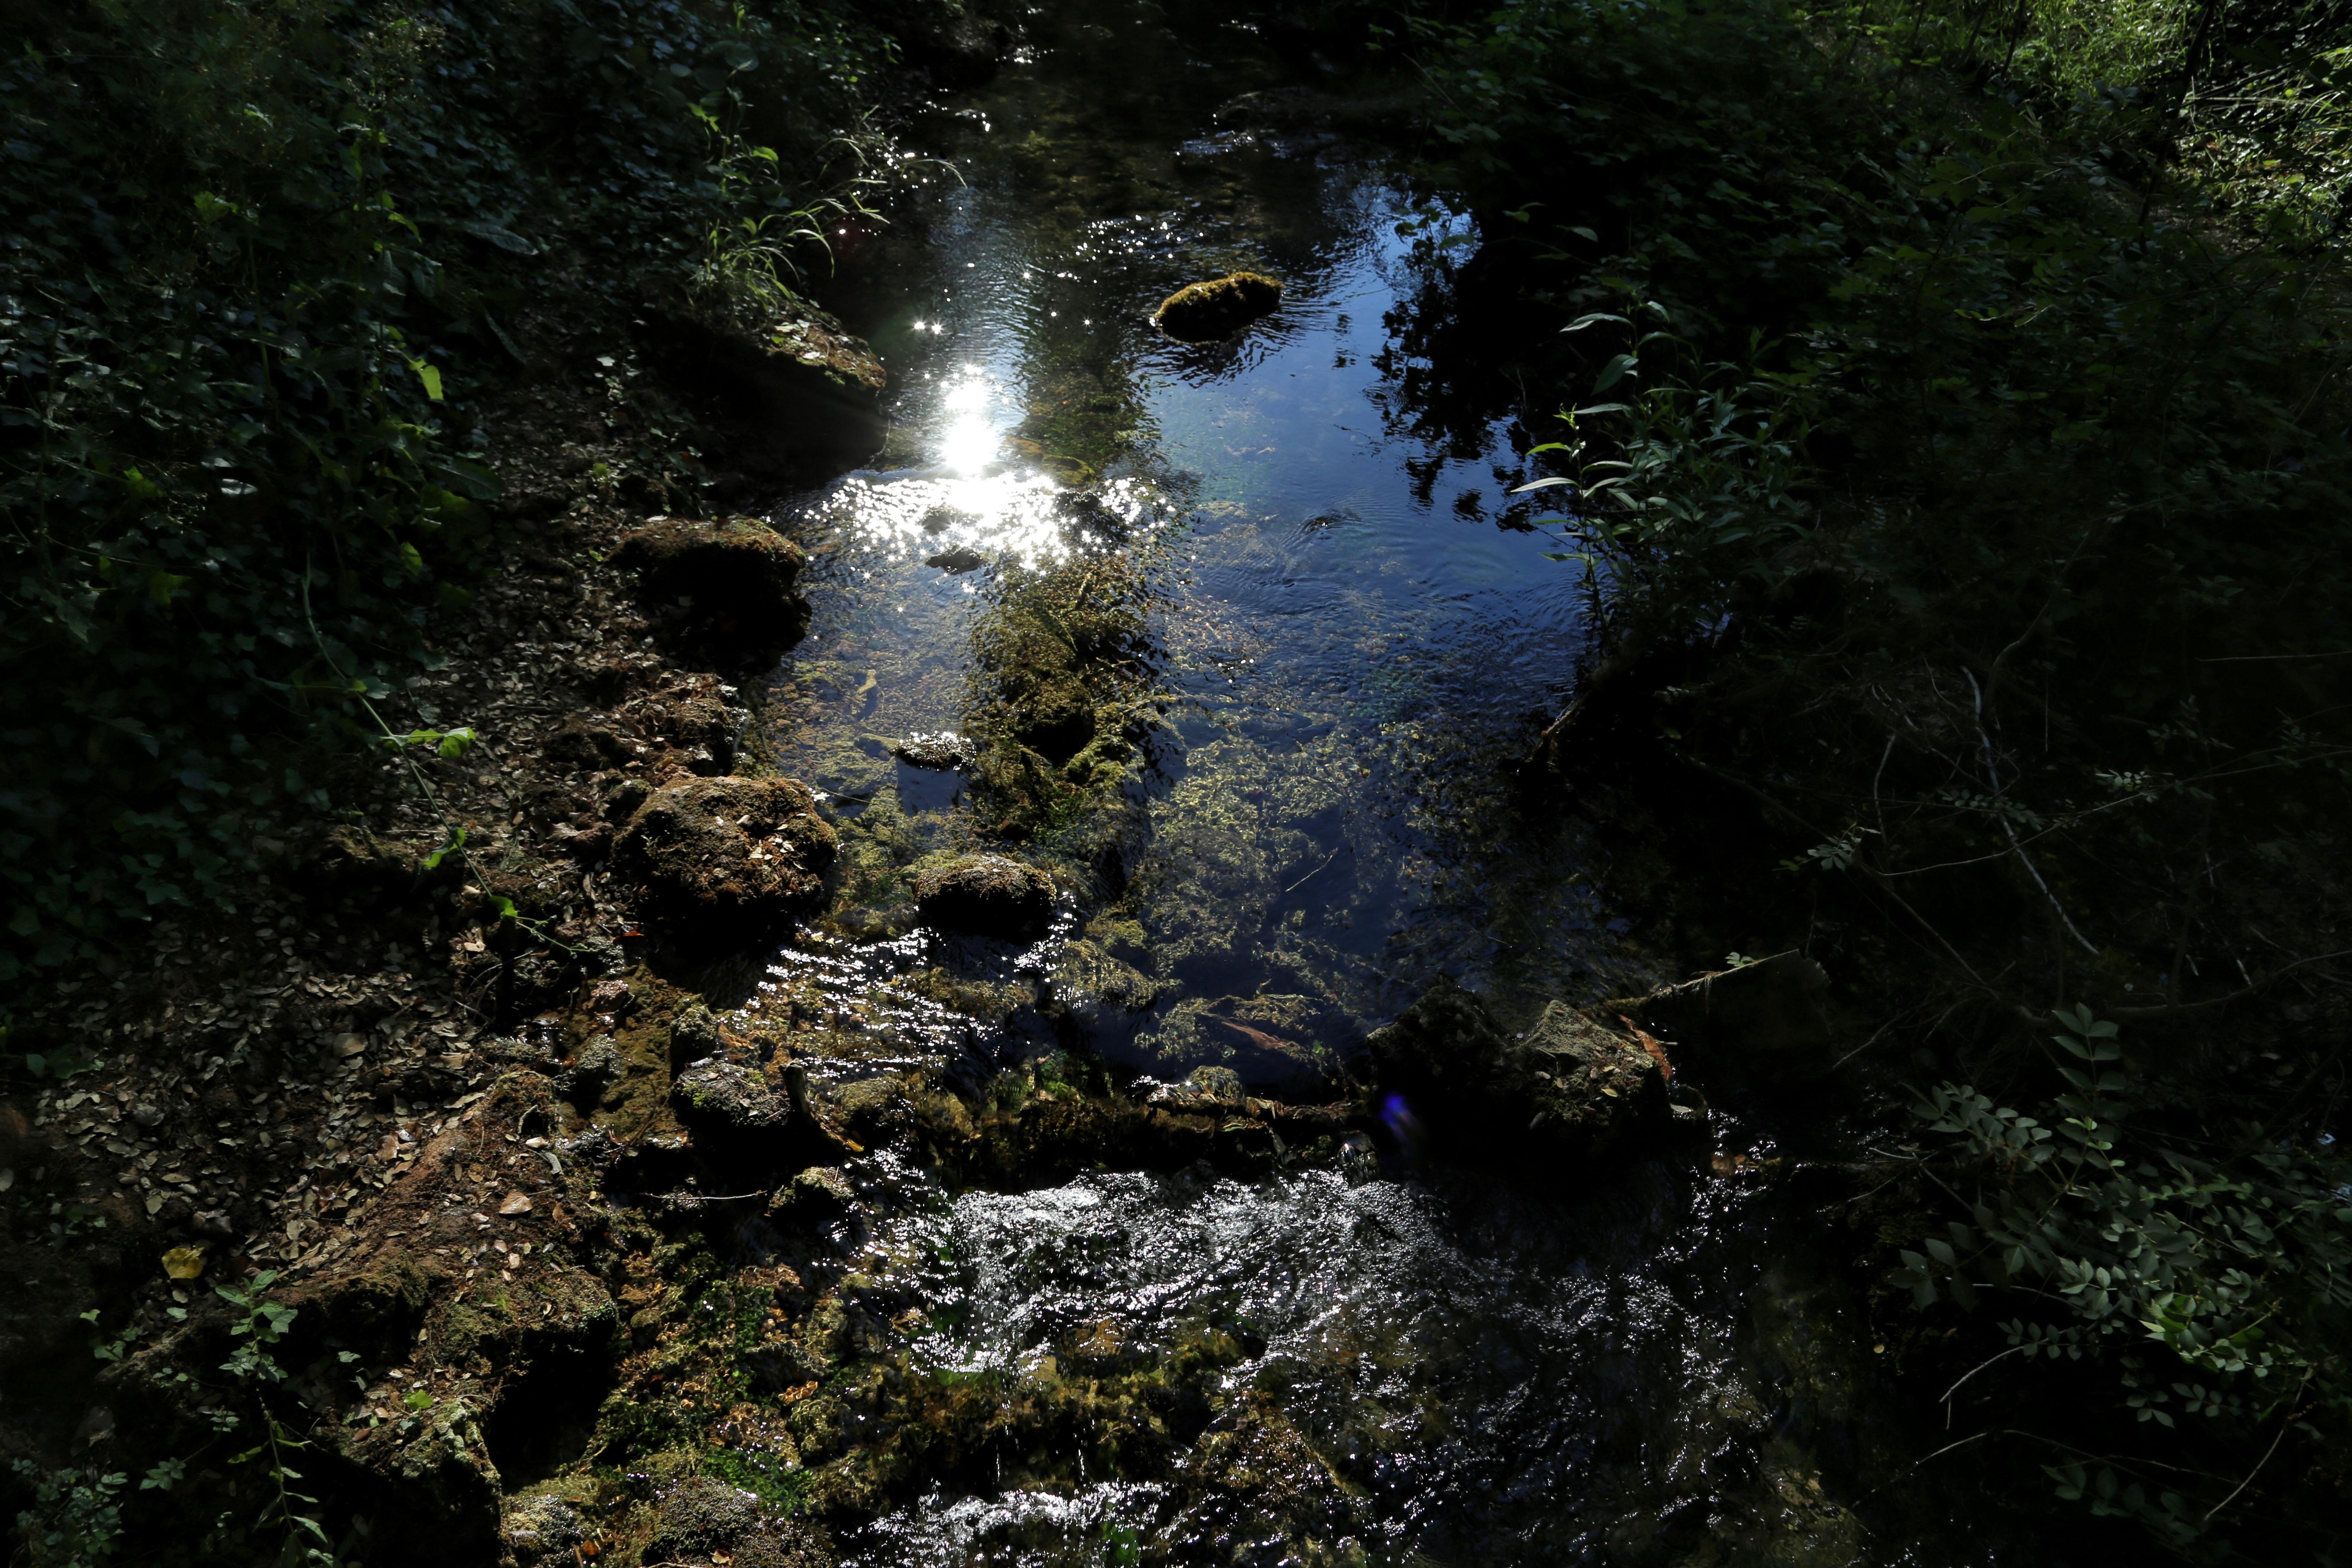 Midsummer Stream